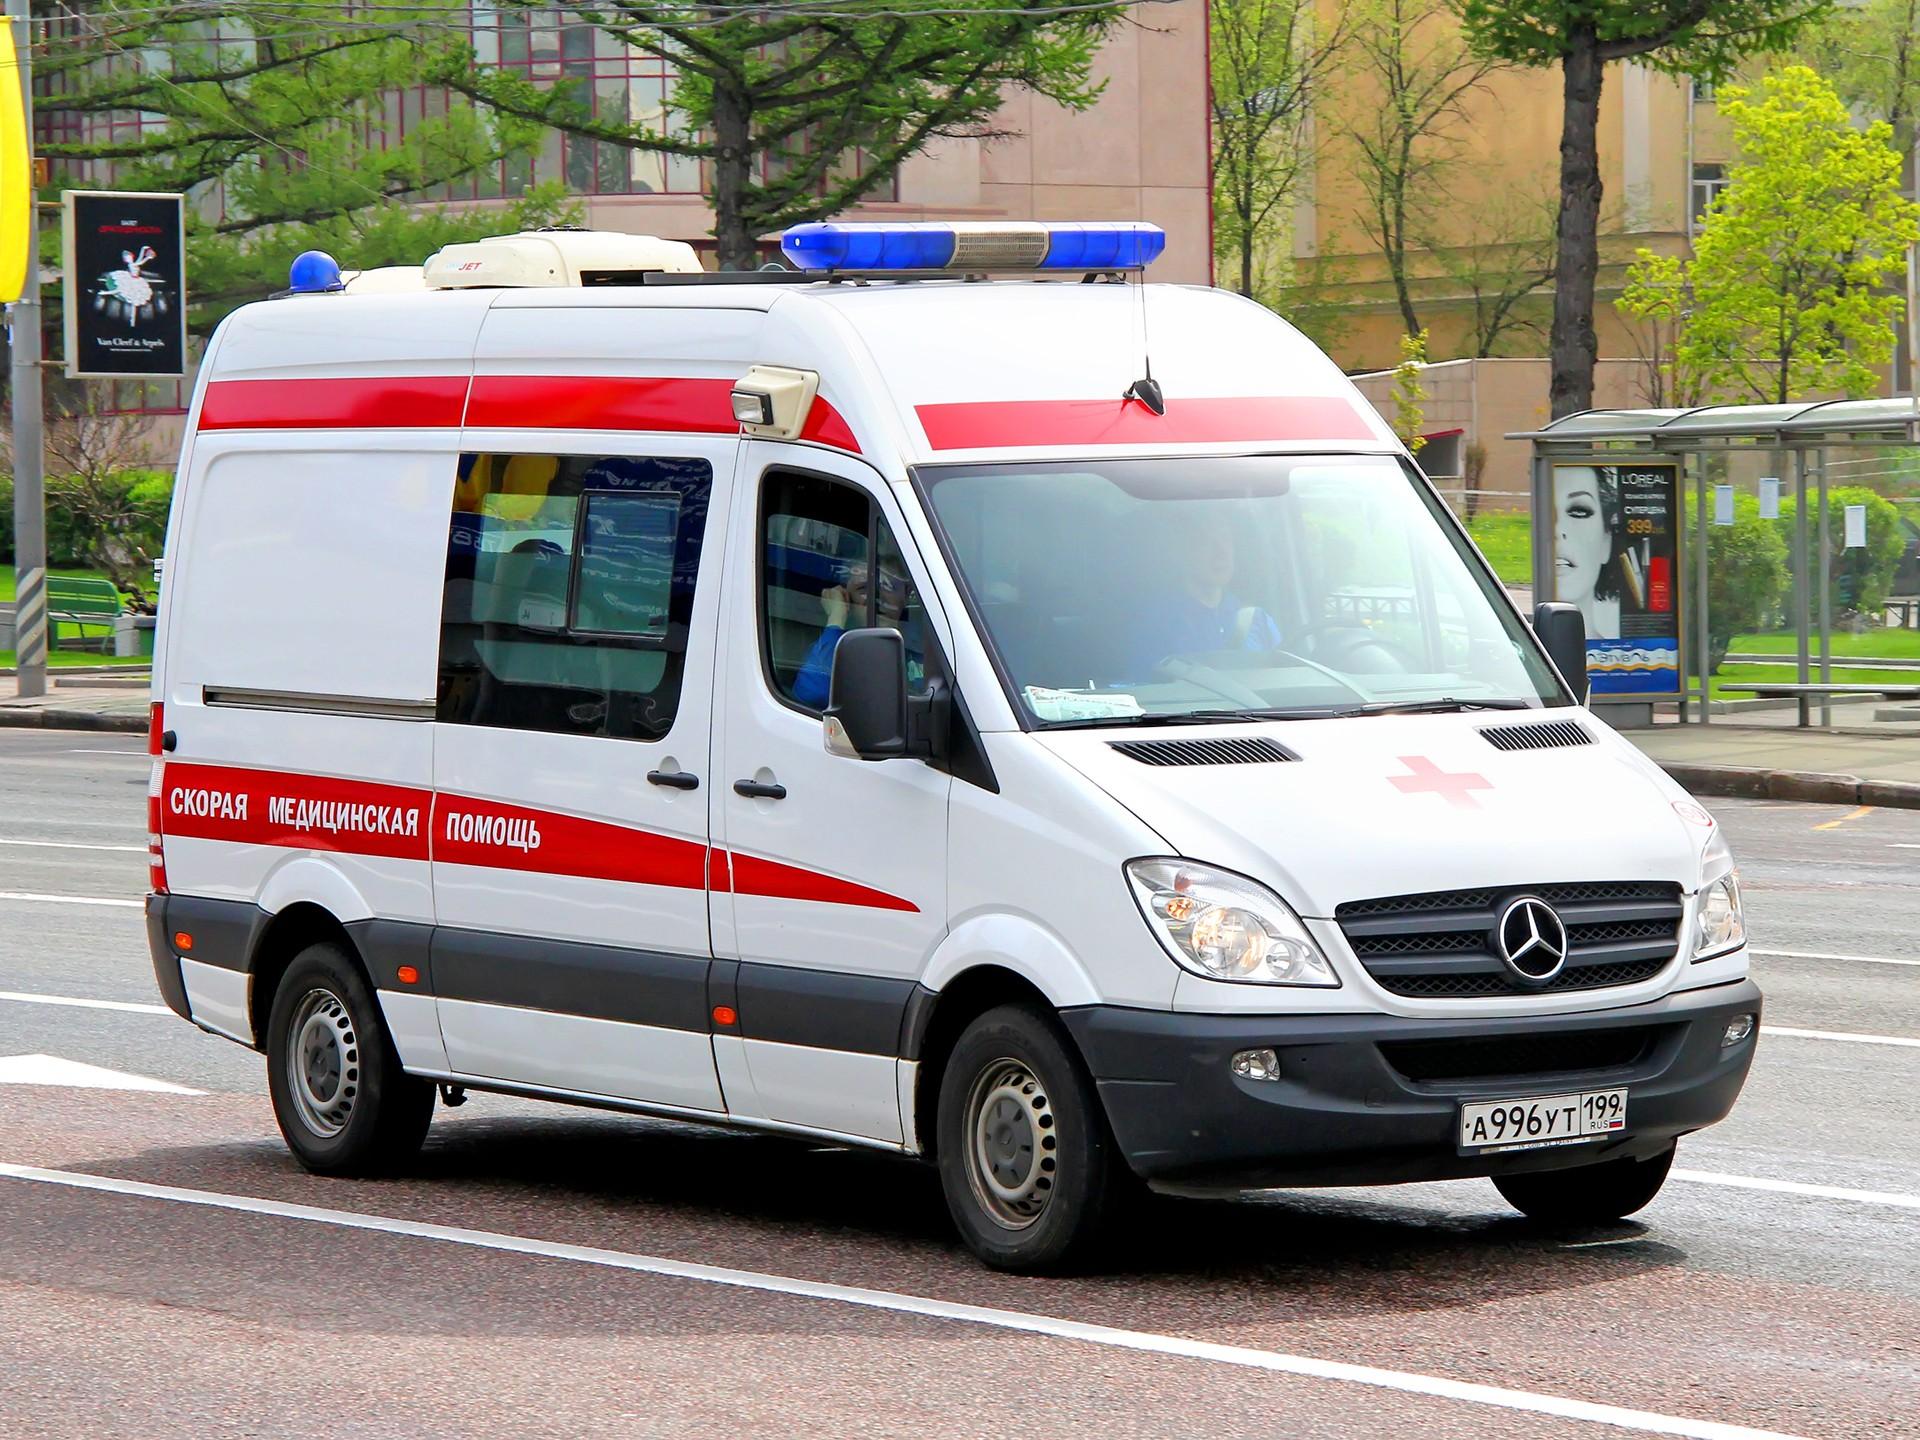 Врачам «скорой» могут разрешить оказывать медпомощь без согласия пациента